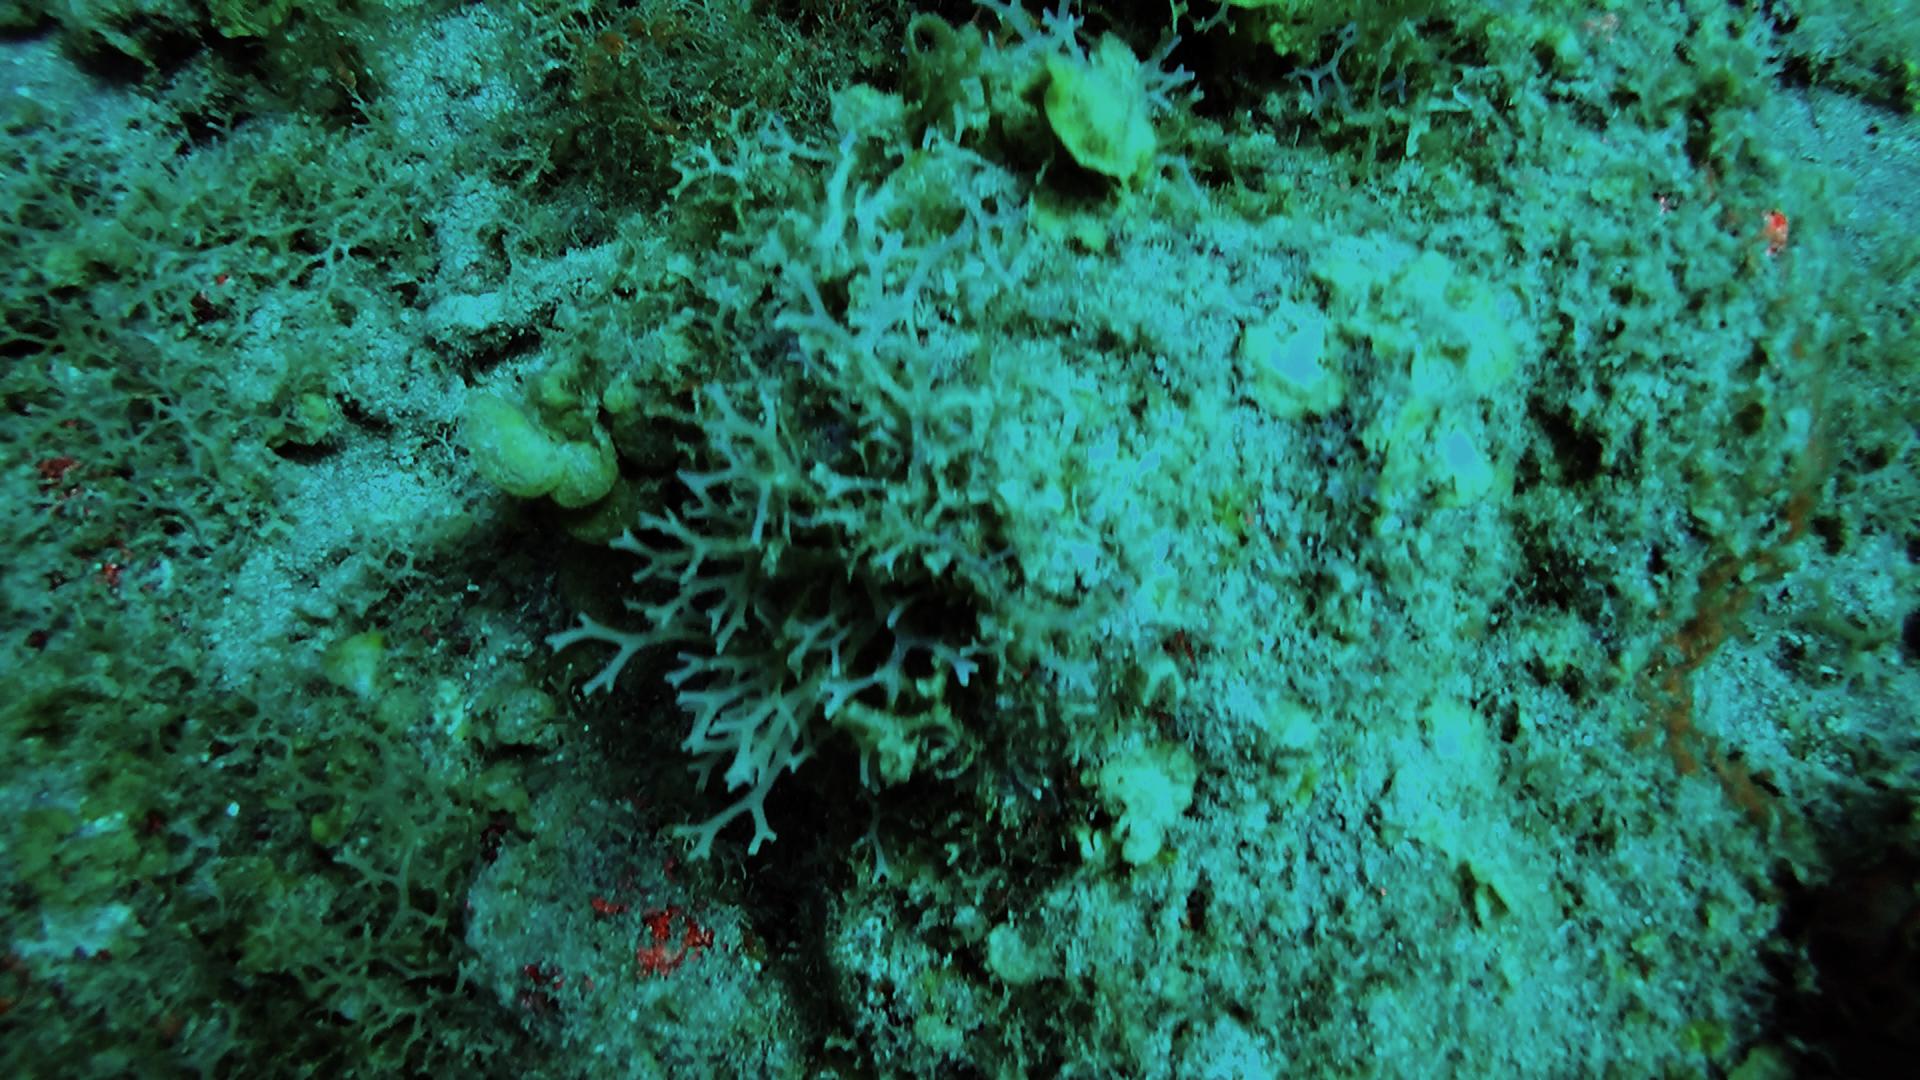 Algae growing on coral.